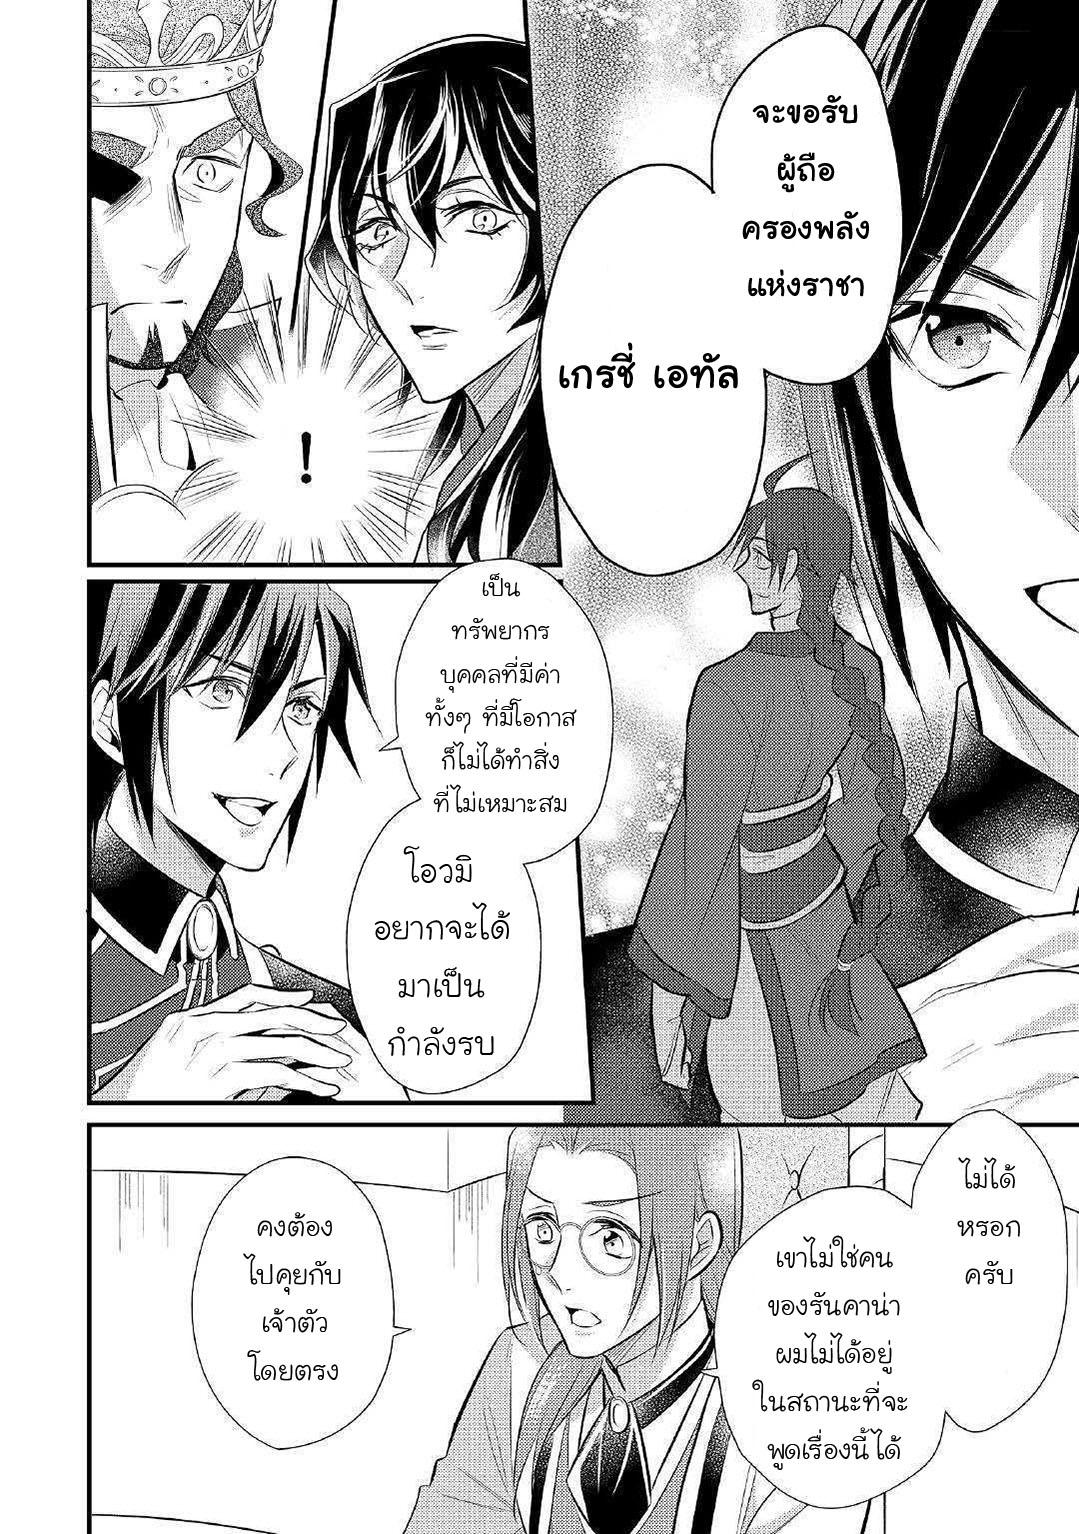 อ่านการ์ตูน Daites Ryou Koubouki ตอนที่ 26 หน้าที่ 29